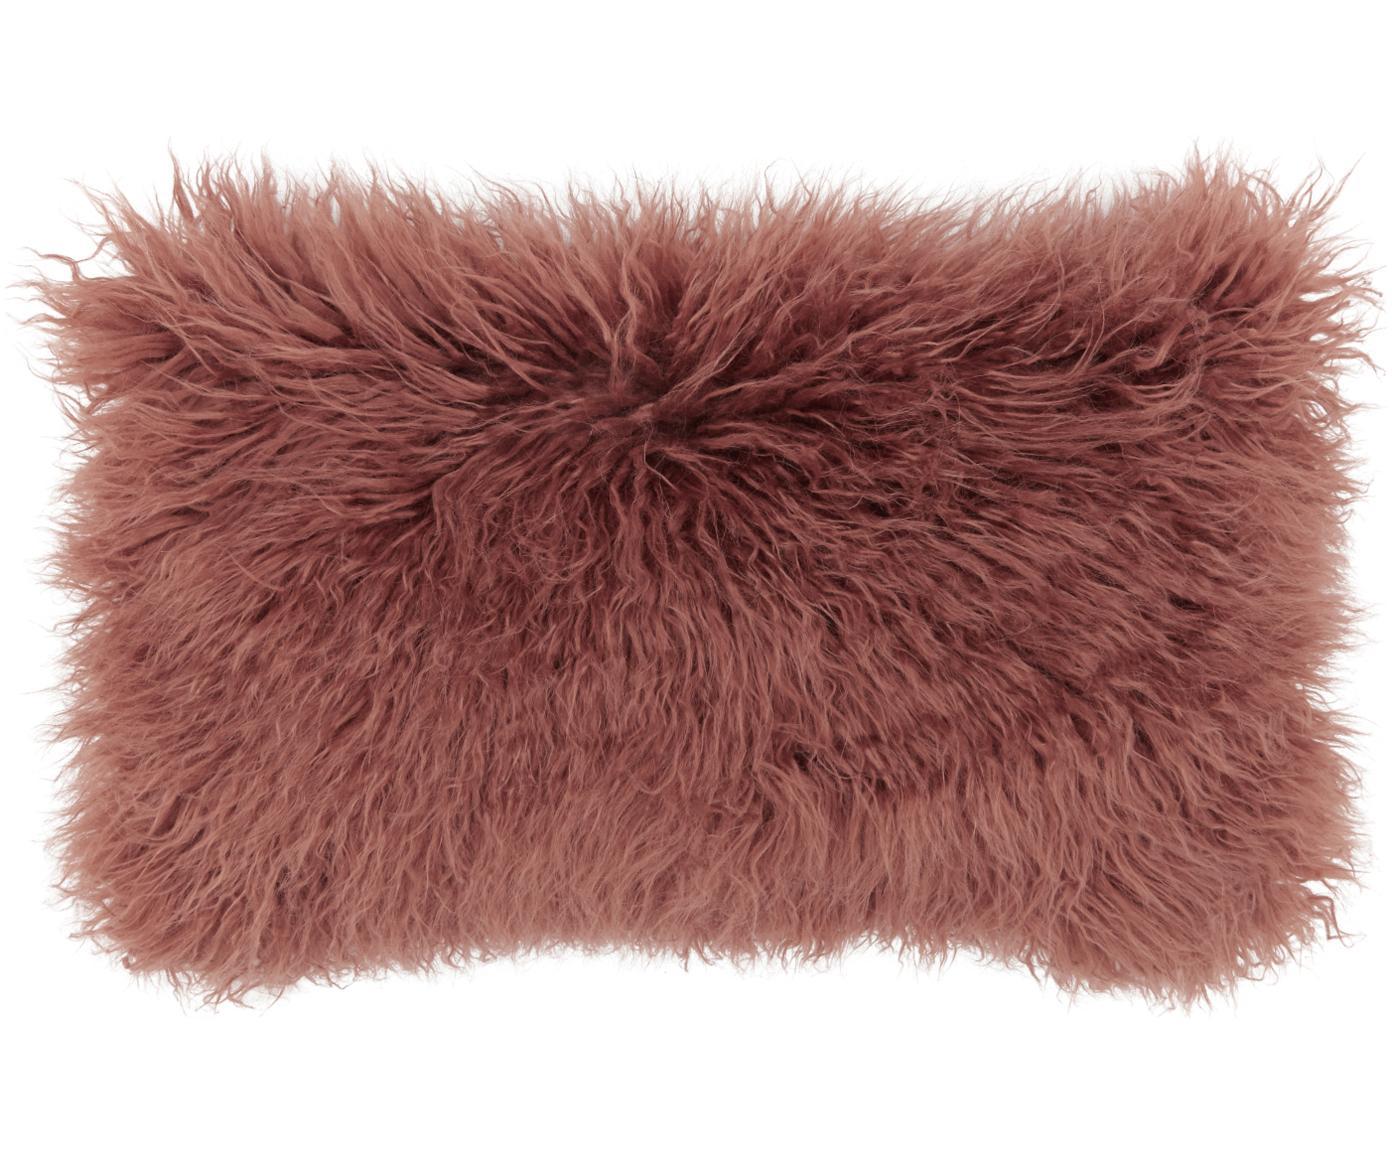 Poszewka na poduszkę ze sztucznego futra Morten, Terakota, S 30 x D 50 cm